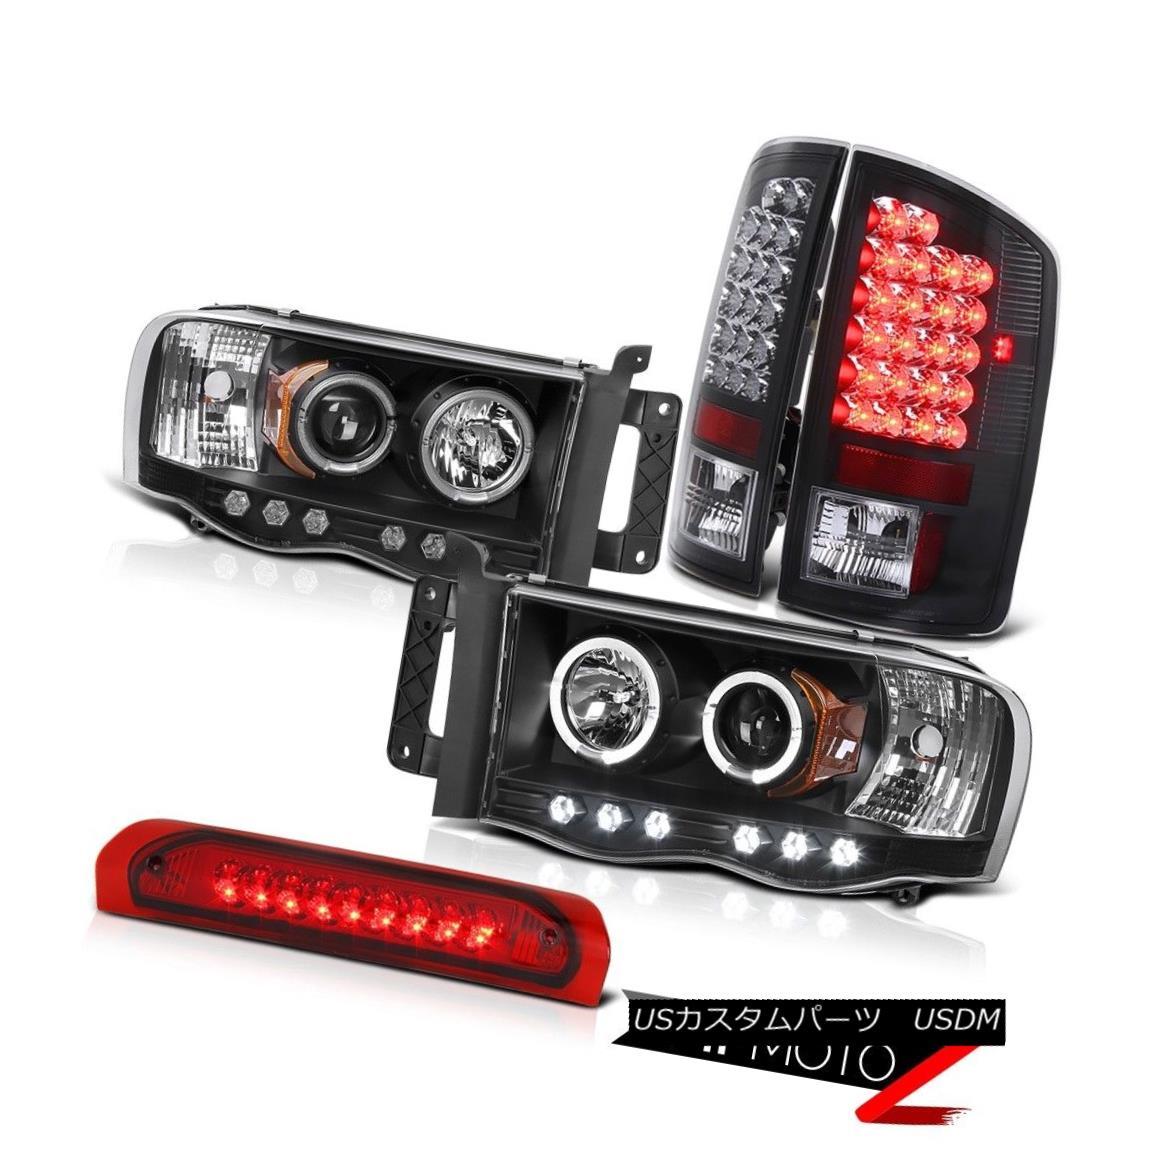 ヘッドライト 5PC COMBO Halo Projector Headlight+Black Led Tail Light+3rd Brake Lamp 02-05 RAM 5PC COMBOハロープロジェクターヘッドライト+ Blac  kテールライト+第3ブレーキランプ02-05 RAM